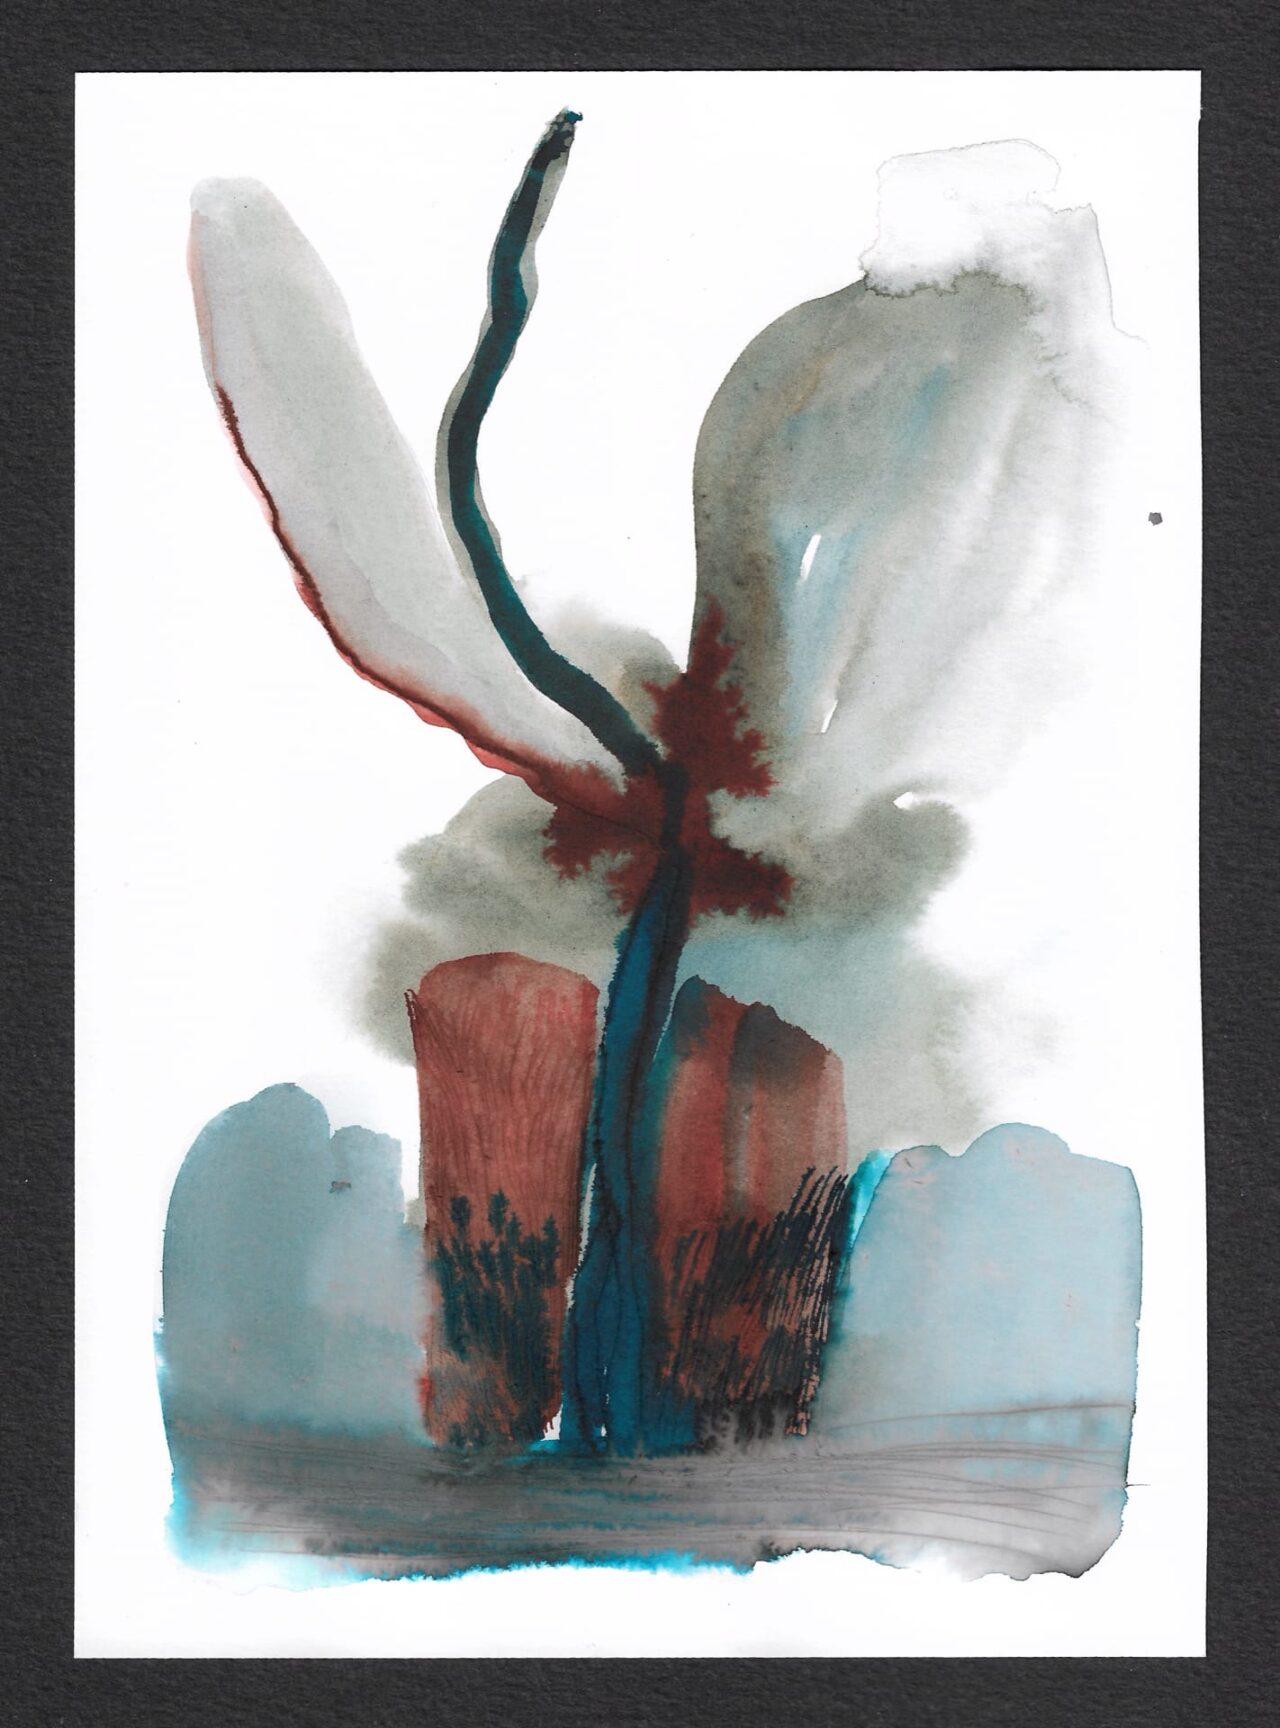 Андрей Петров. Орхидея. 15 июля 2020. Бумага, акварель. 23 х 16,5 см.